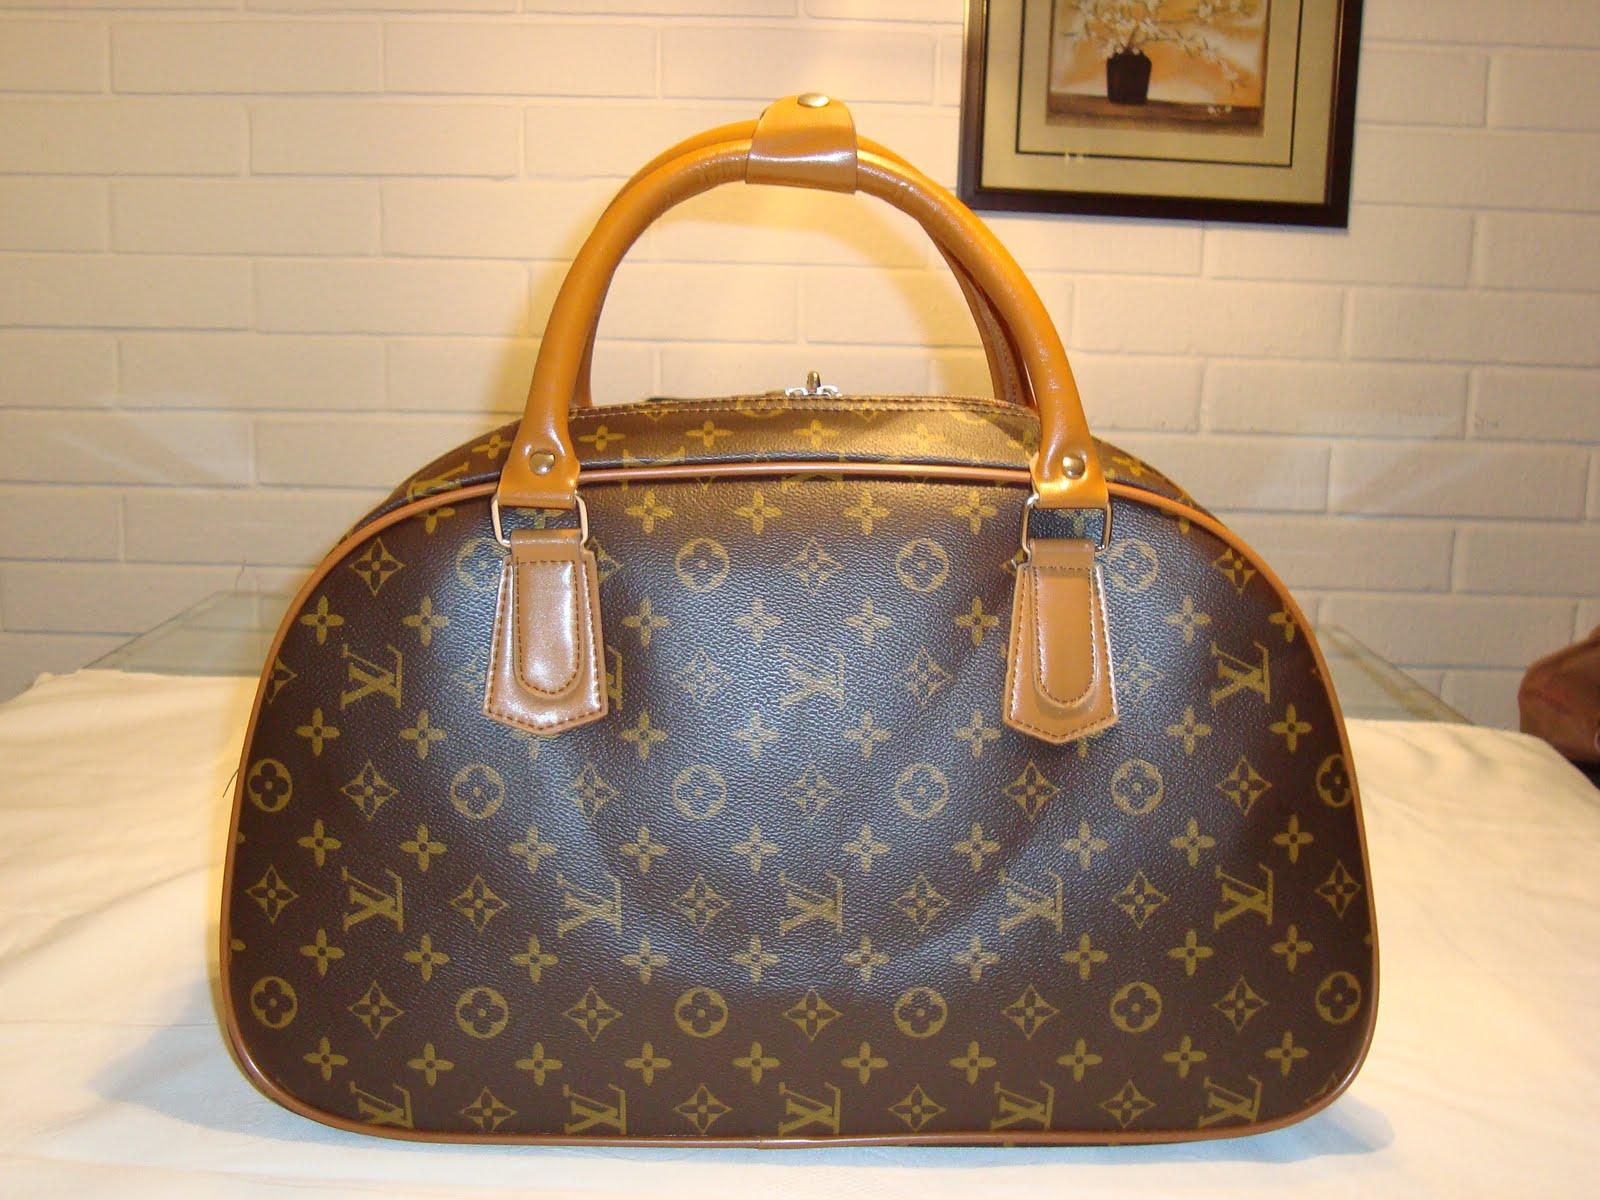 62ad5a046e62 Una abuela usa su bolso Louis Vuitton como bolsa de la compra para el  pescado